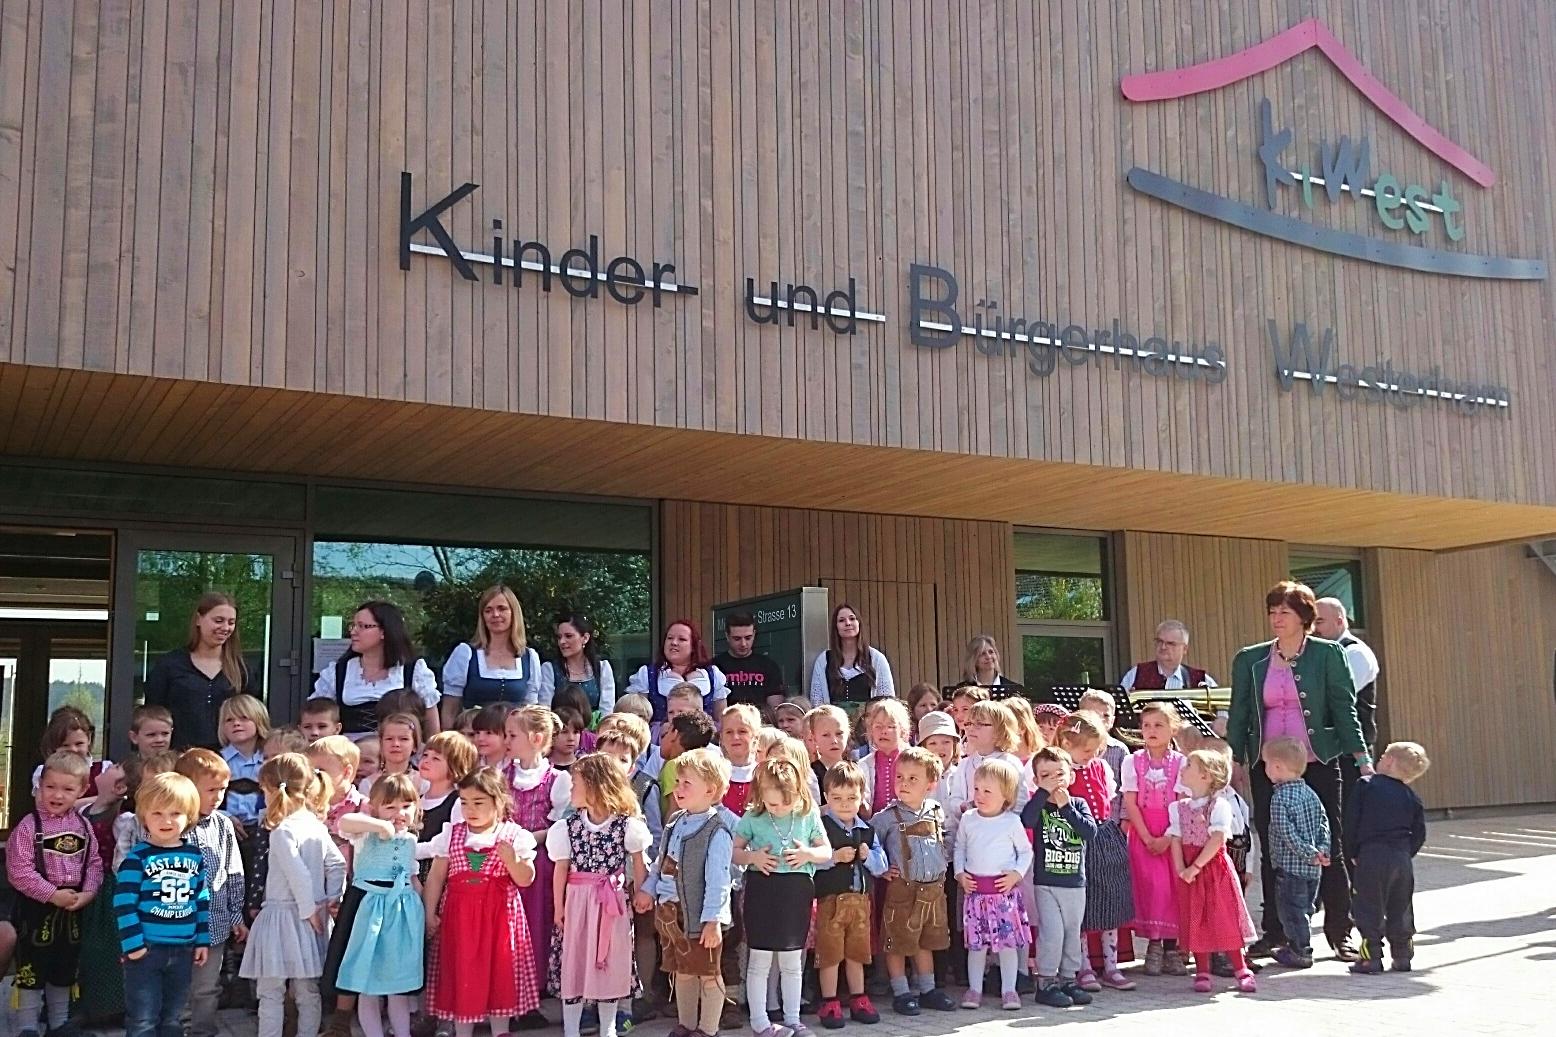 Die Gesangseinlage der Kindergartenkinder bei der feierlichen Einweihung.